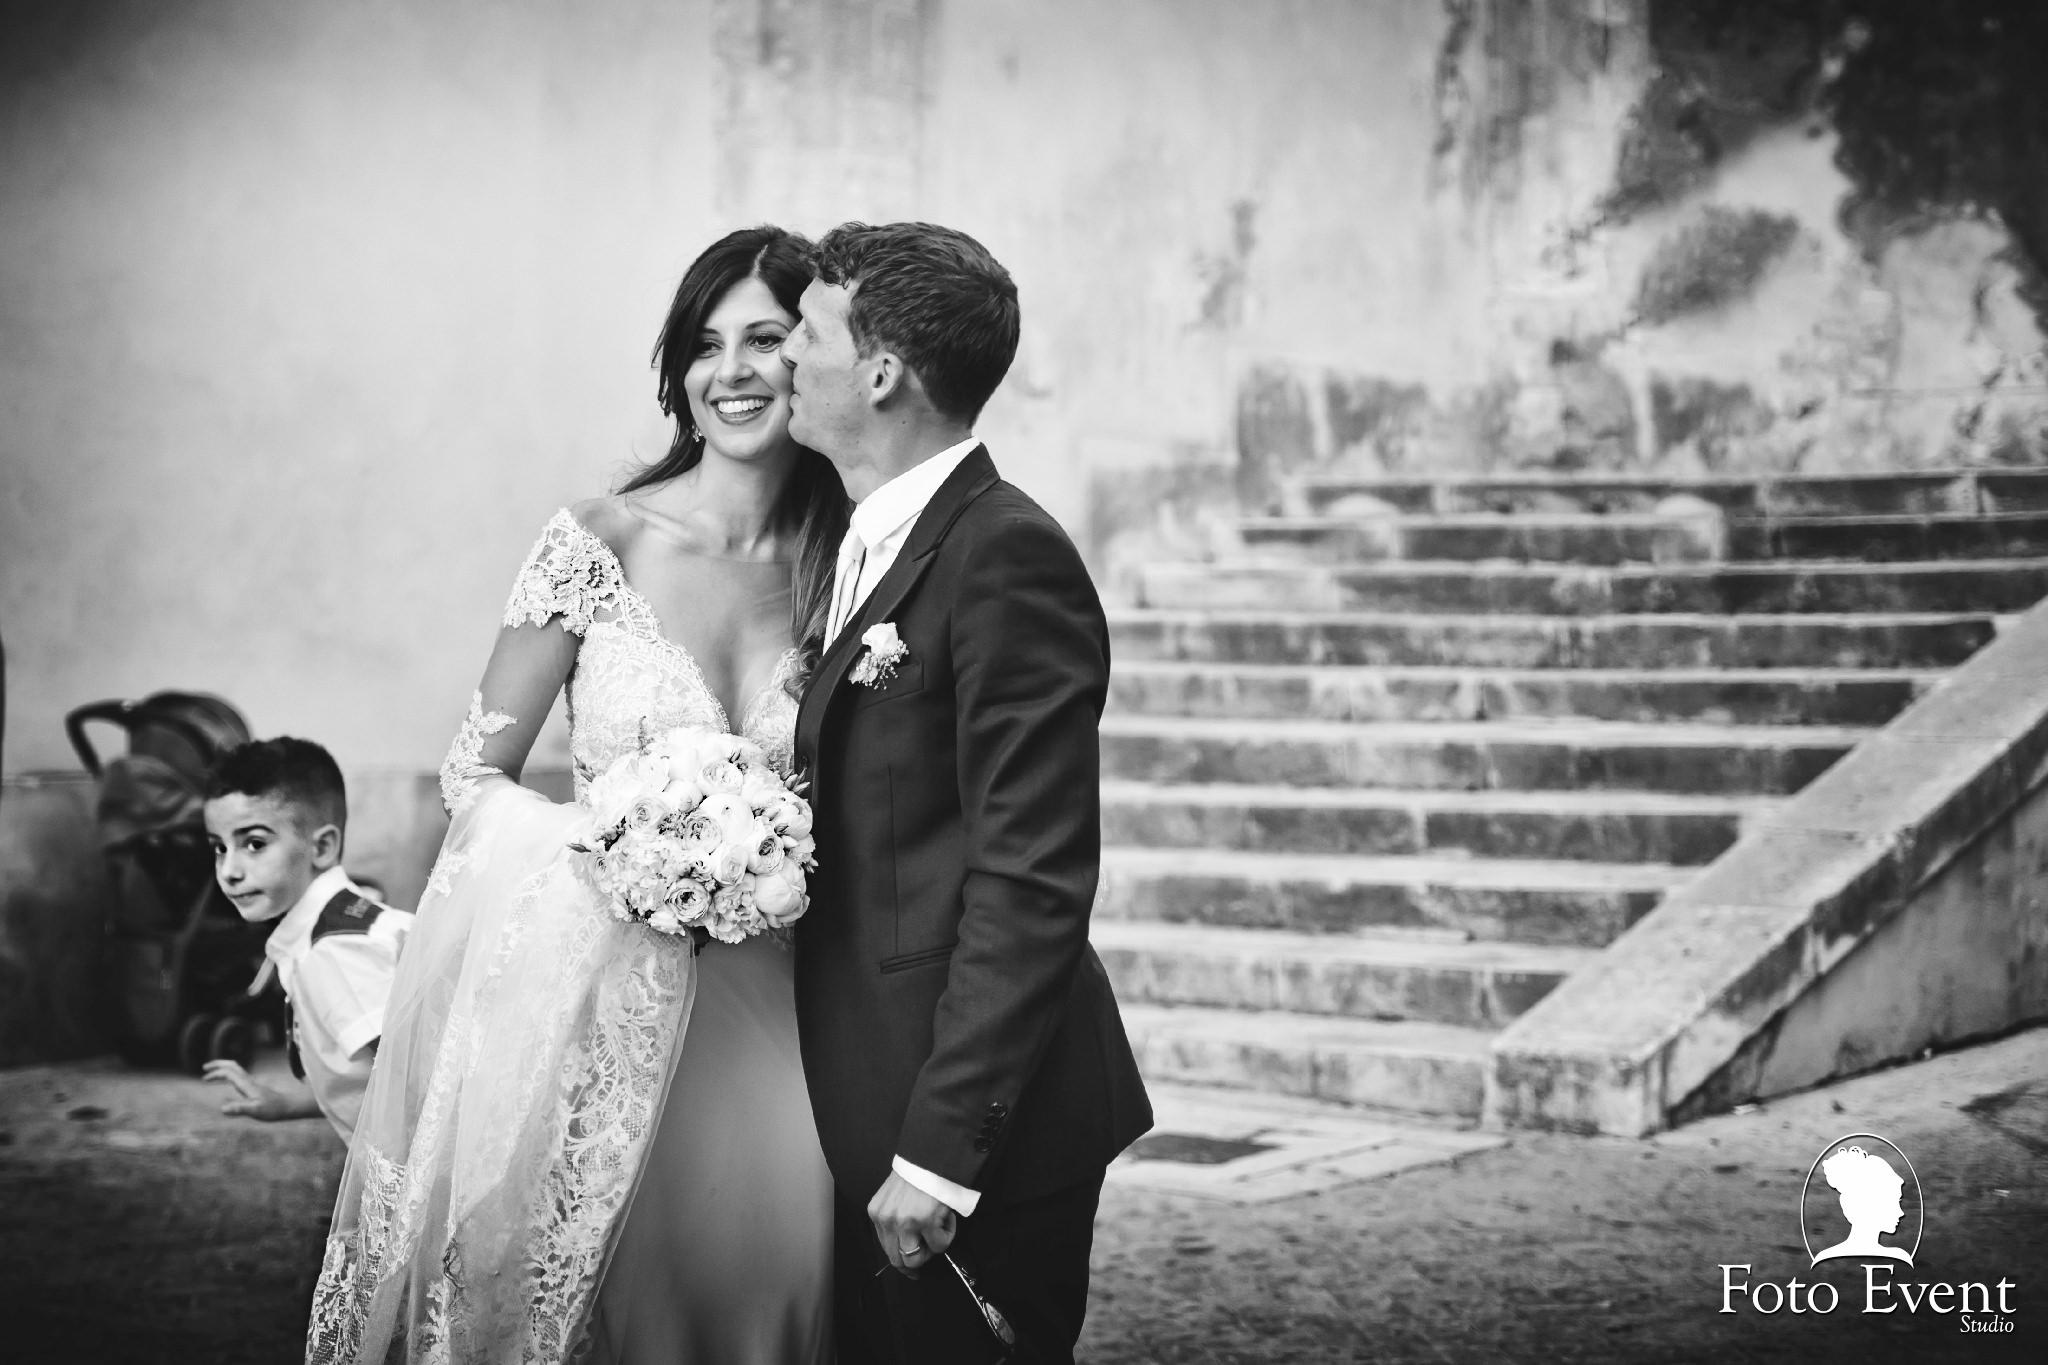 2017-07-21 Matrimonio Adriana e Giuseppe Dorsi 5DR 388 CD FOTO